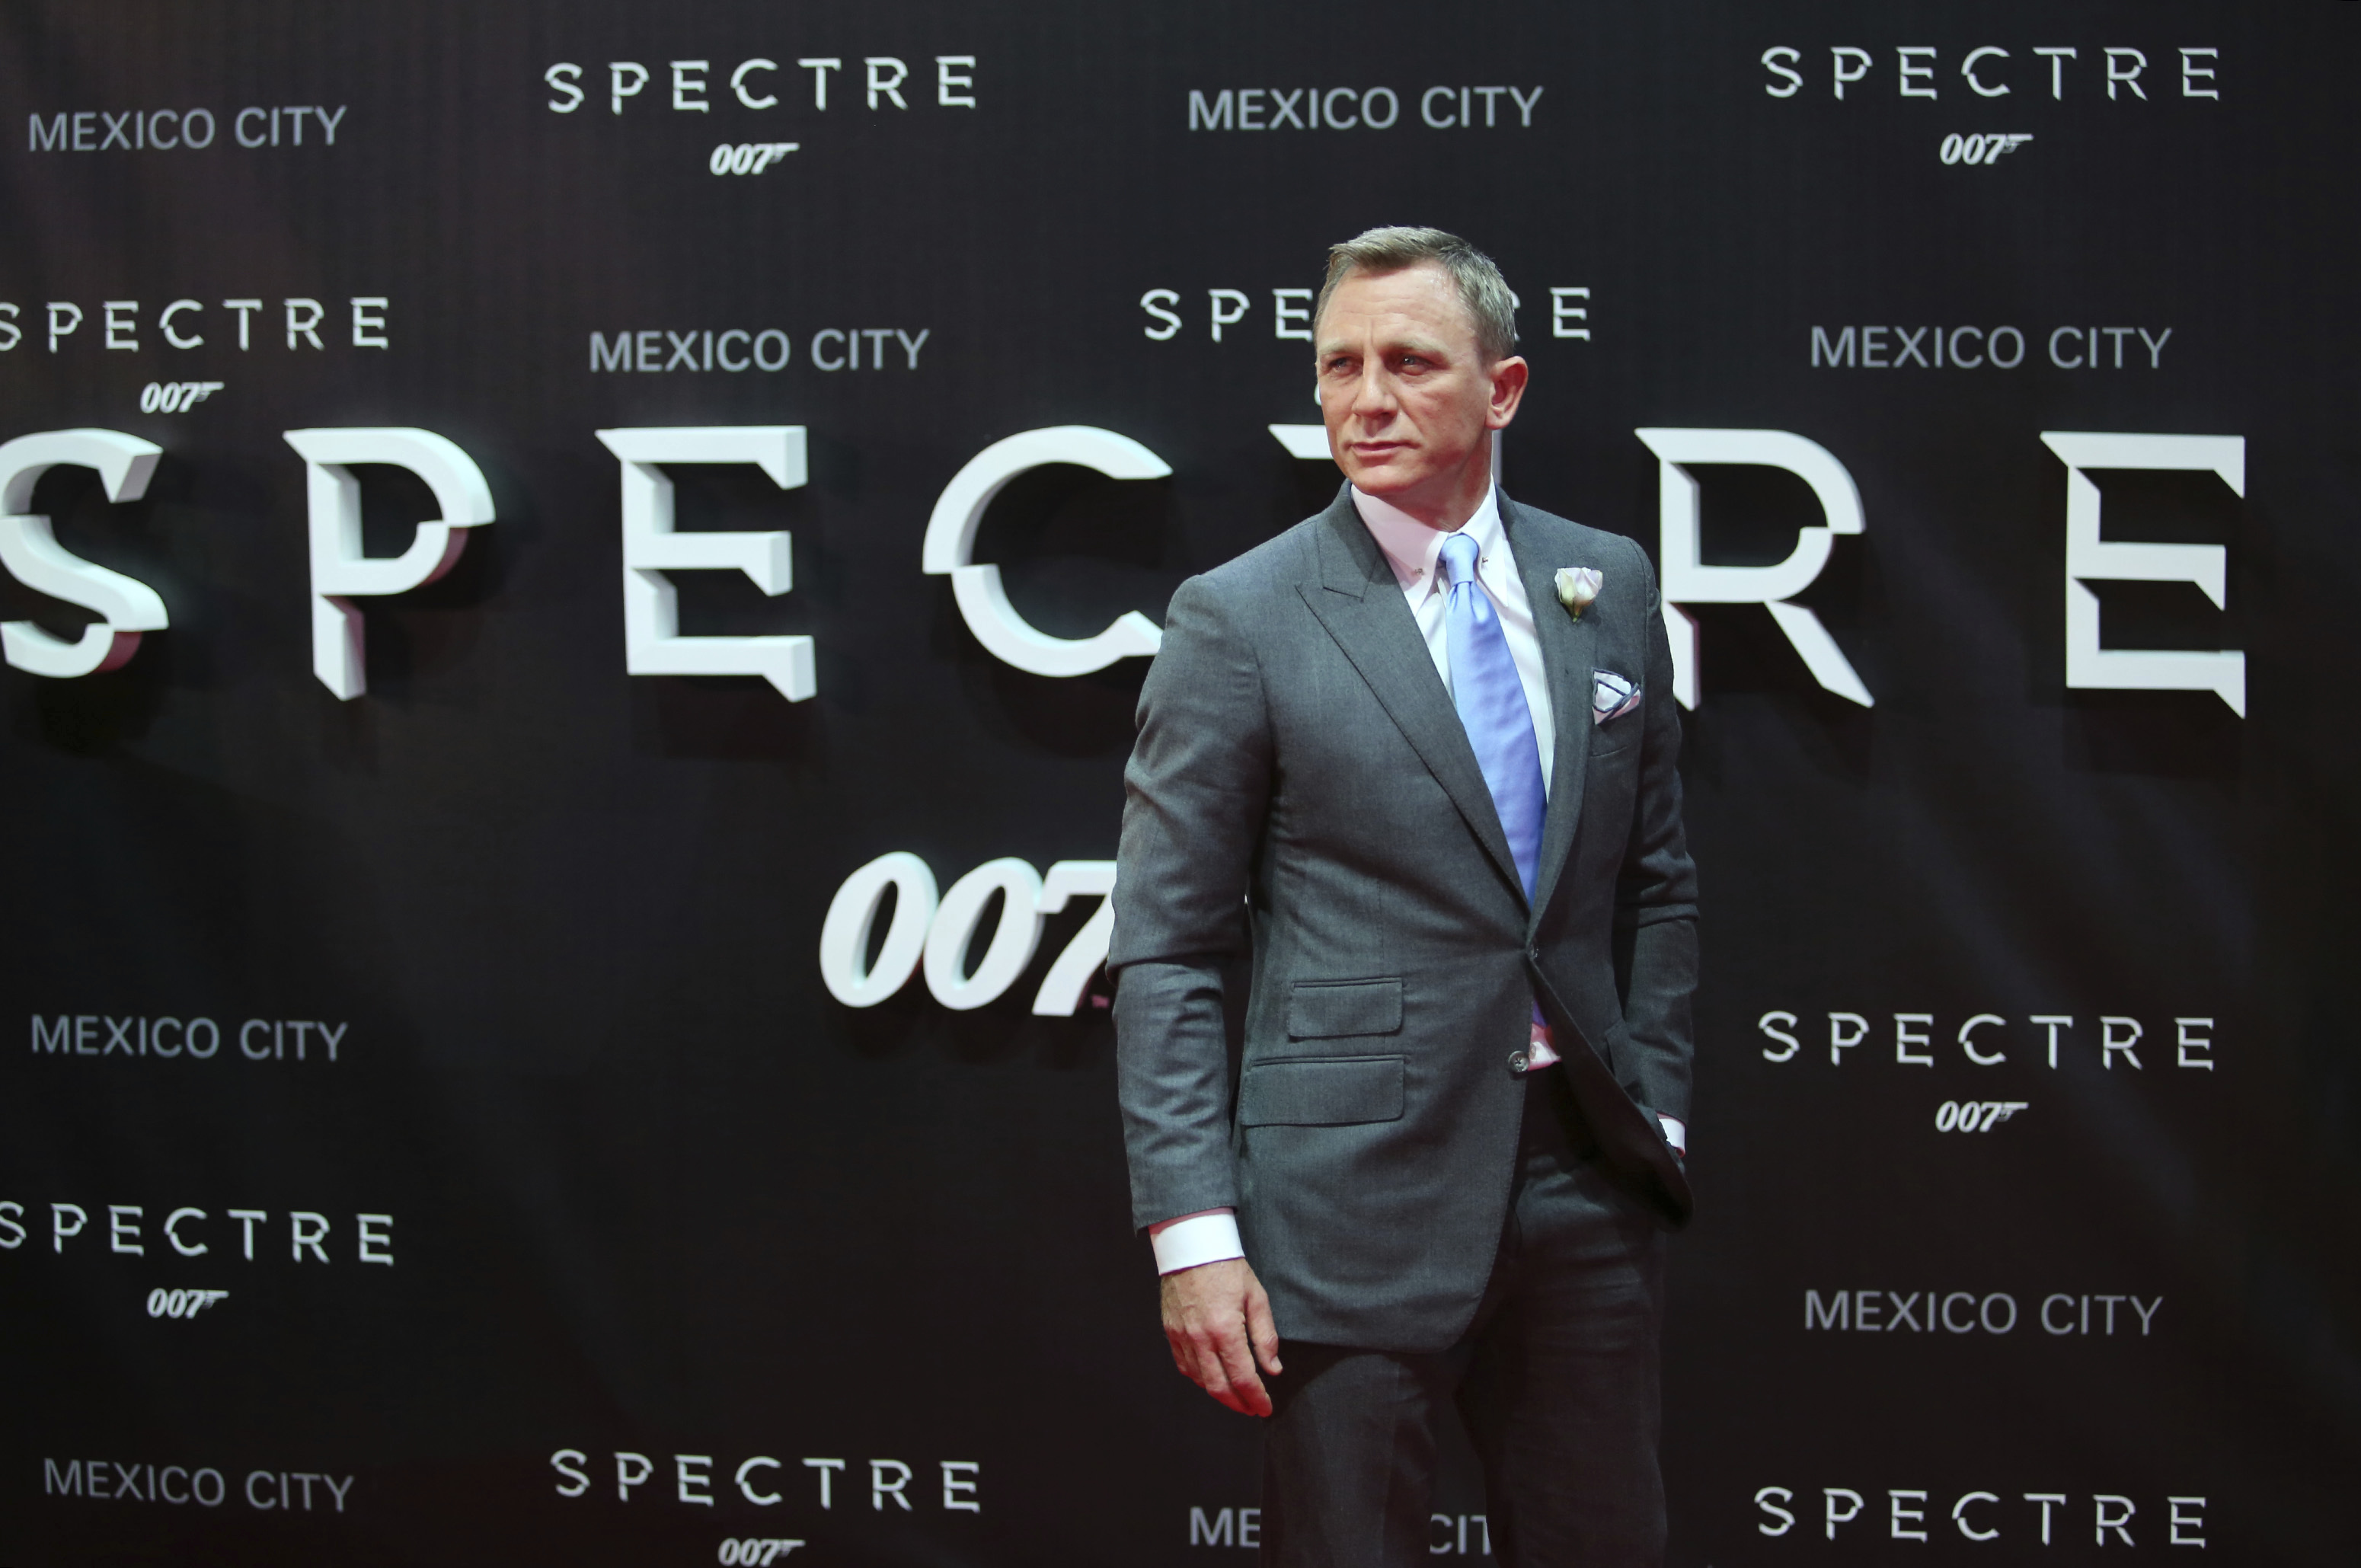 """""""Spectre"""" Premiere in Mexico City"""